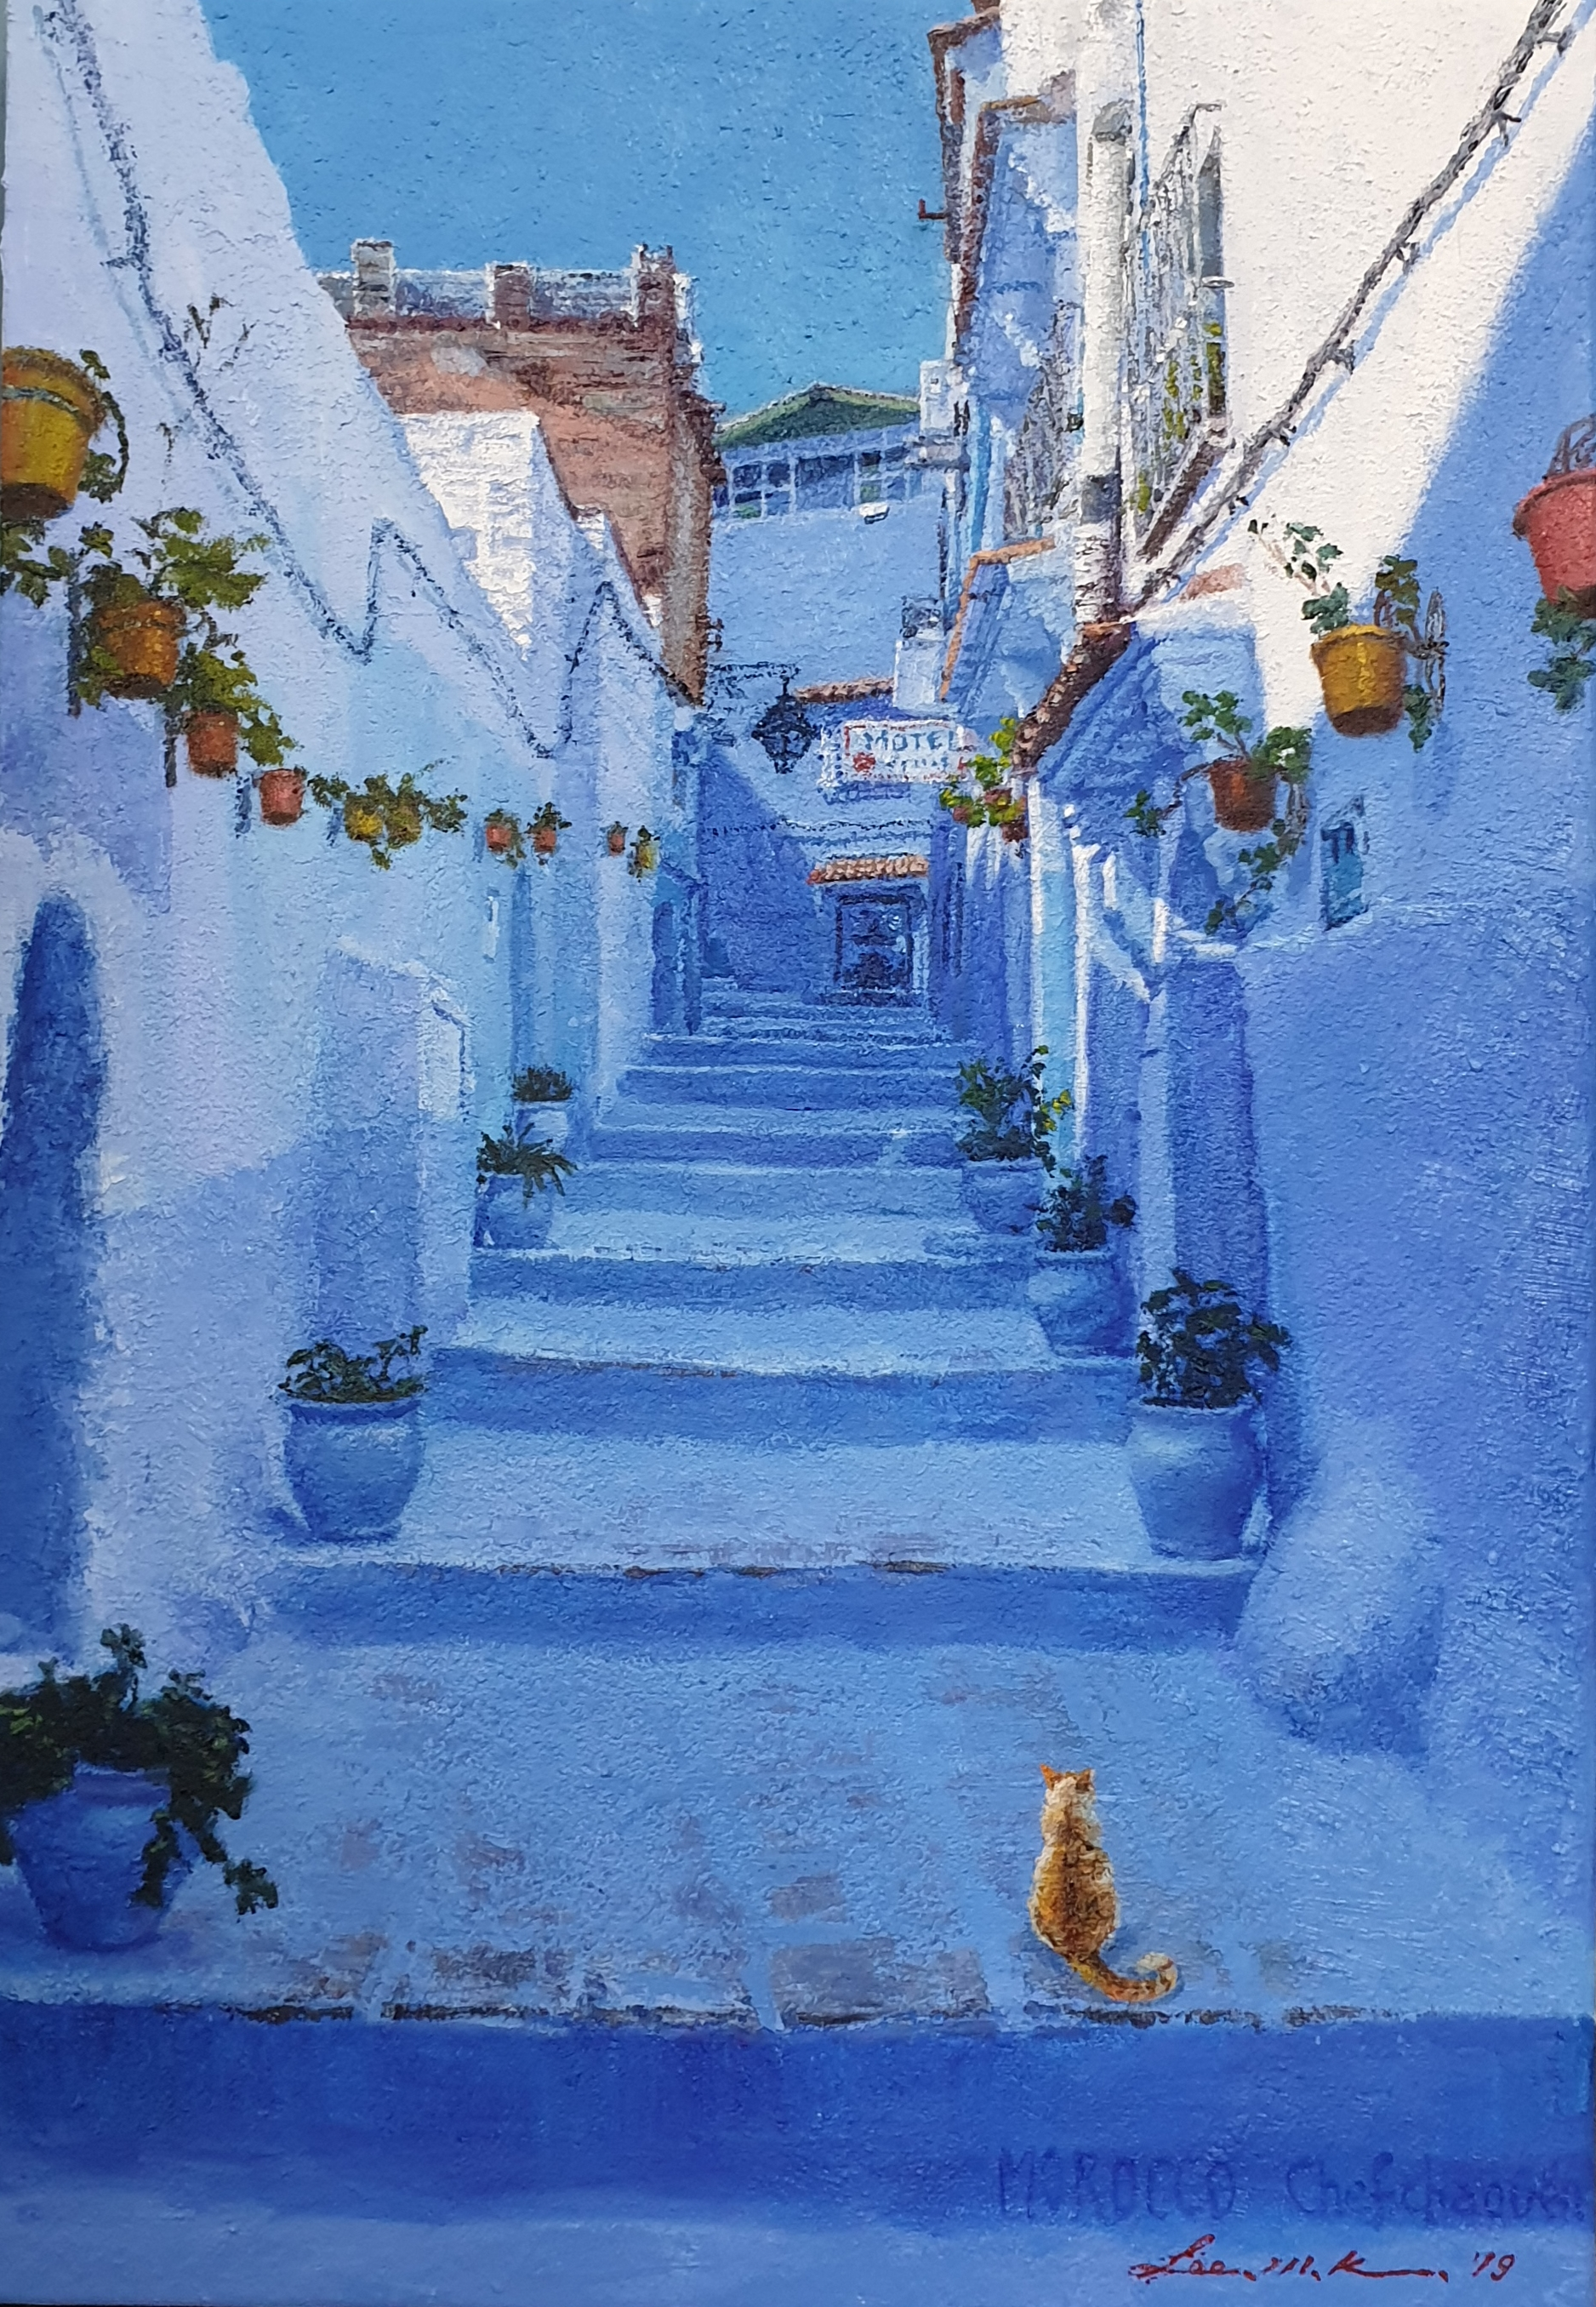 002, 이미경2, 모로코의 파란마을 쉐프샤우엔, 37 x 53 cm (